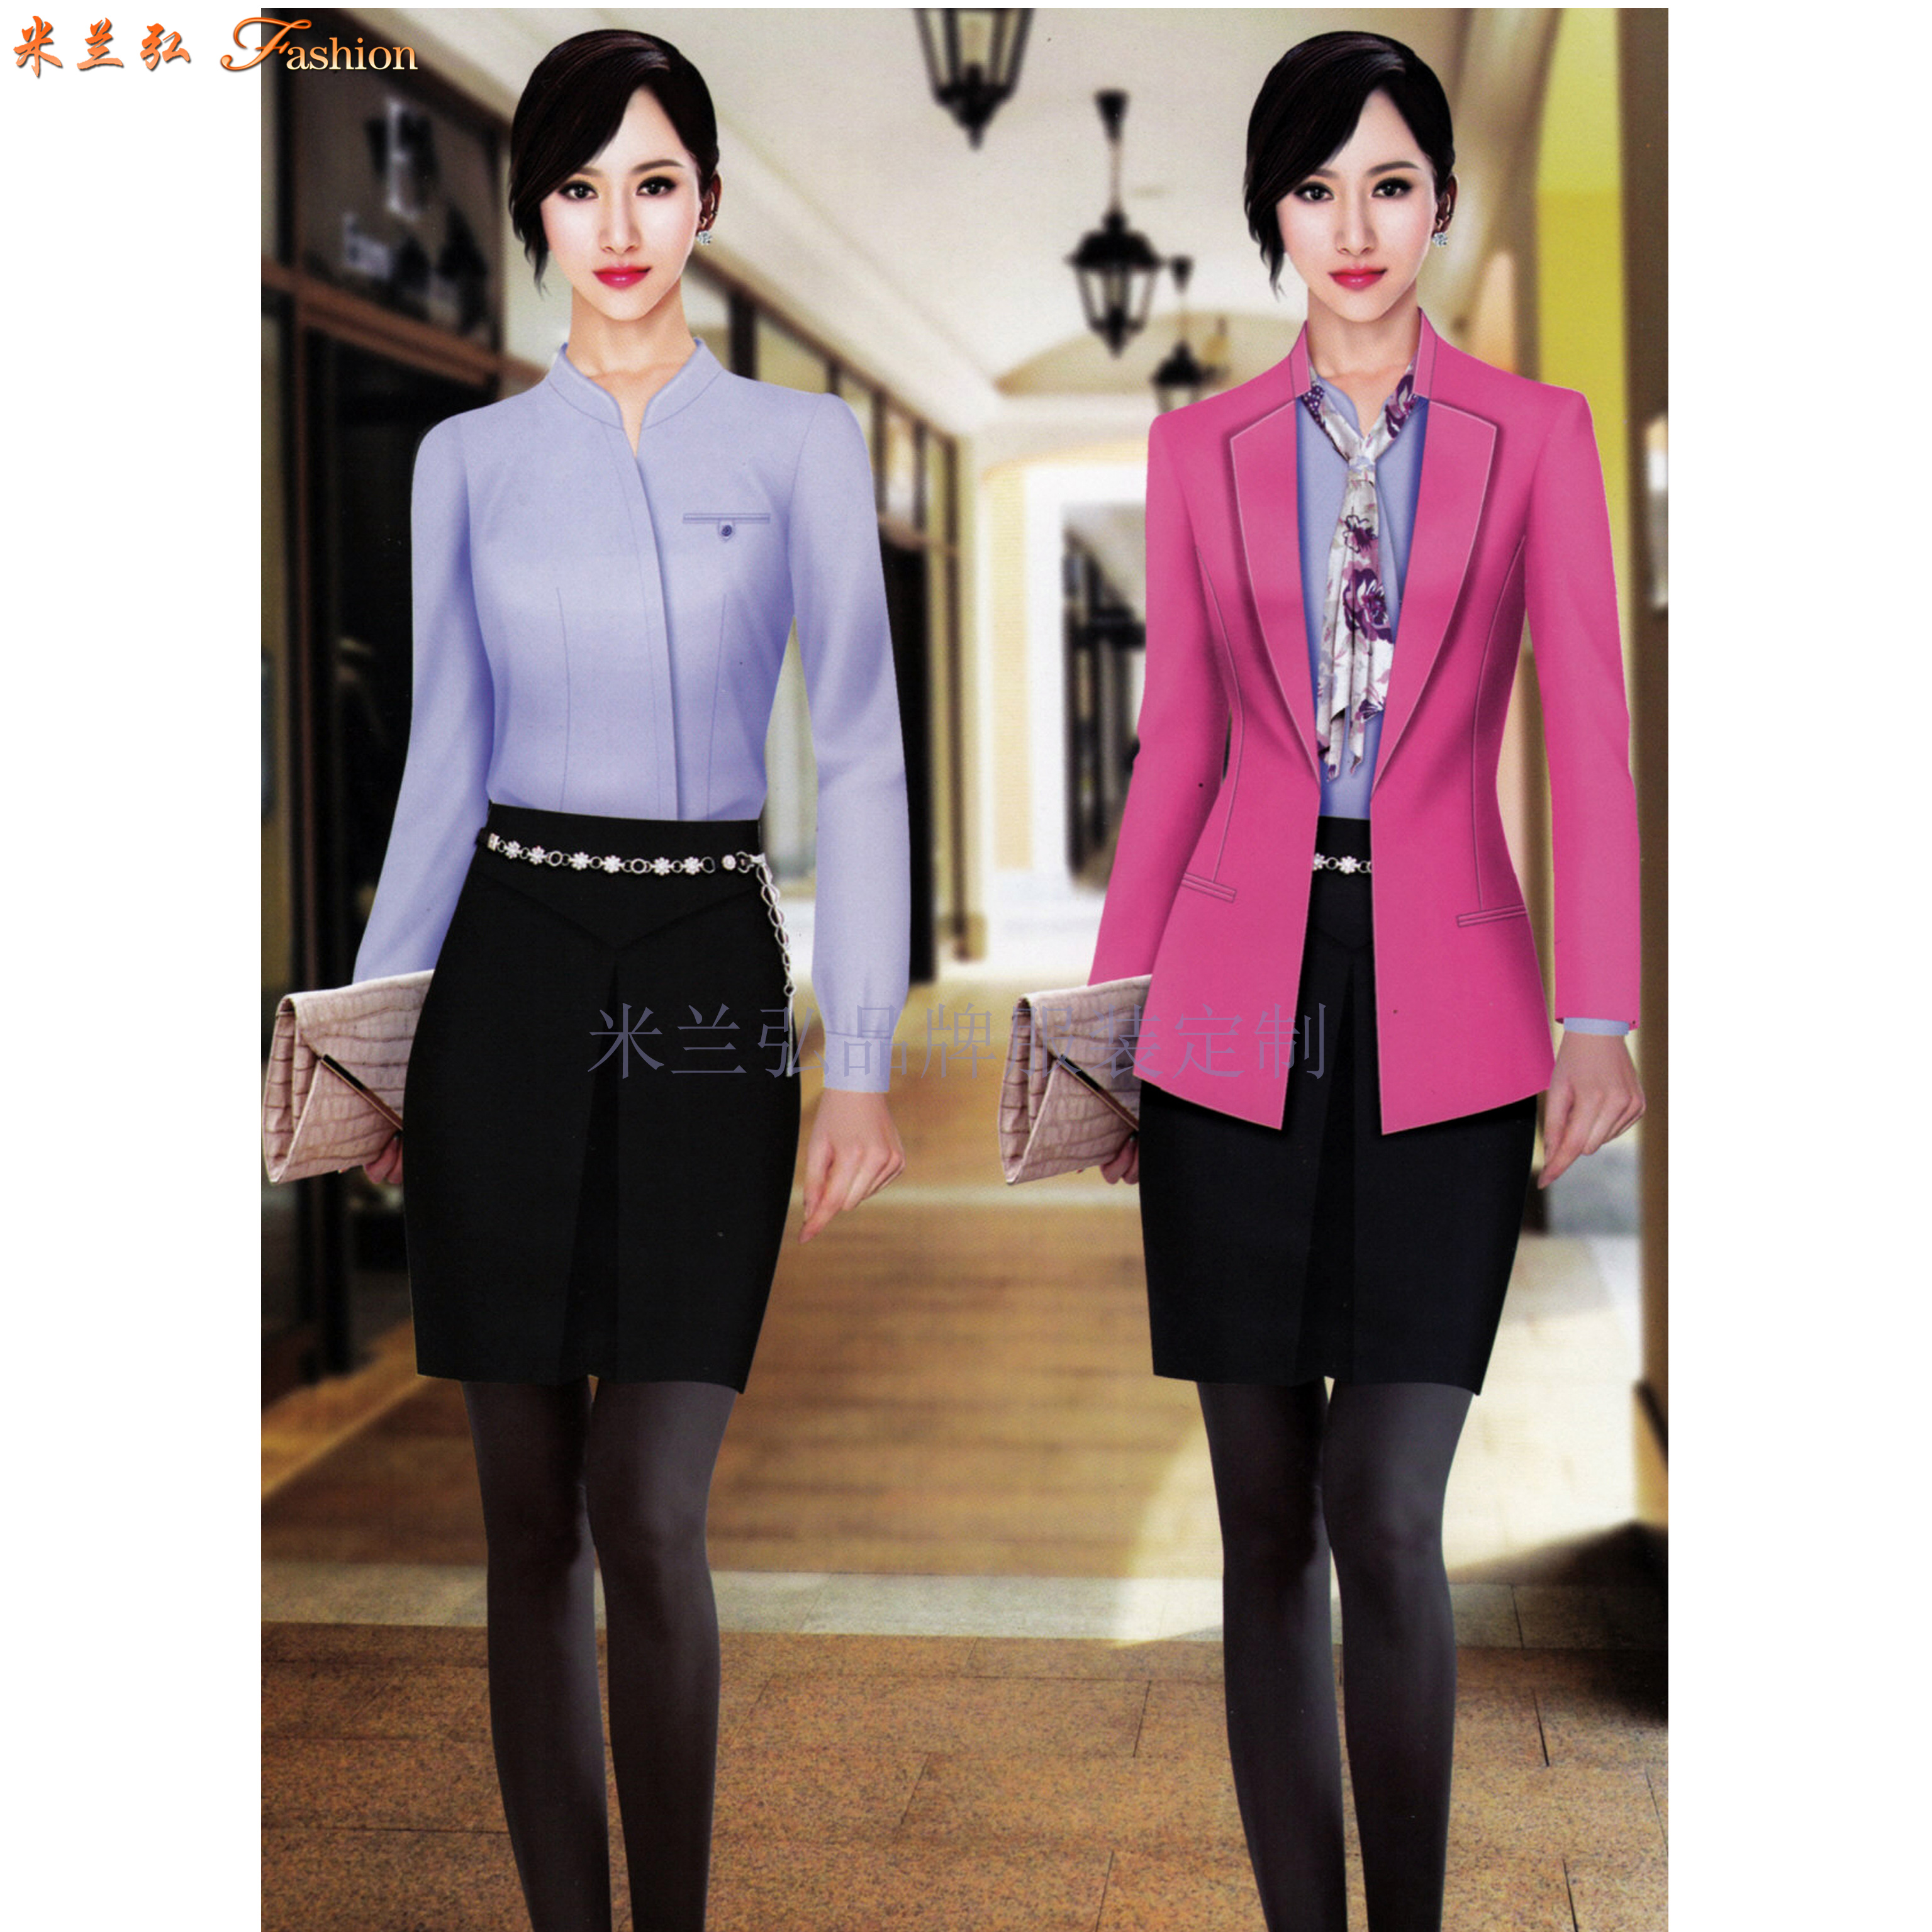 「時尚職業裝」貨真價實、式樣時髦、的服裝廠家-米蘭弘品牌-5